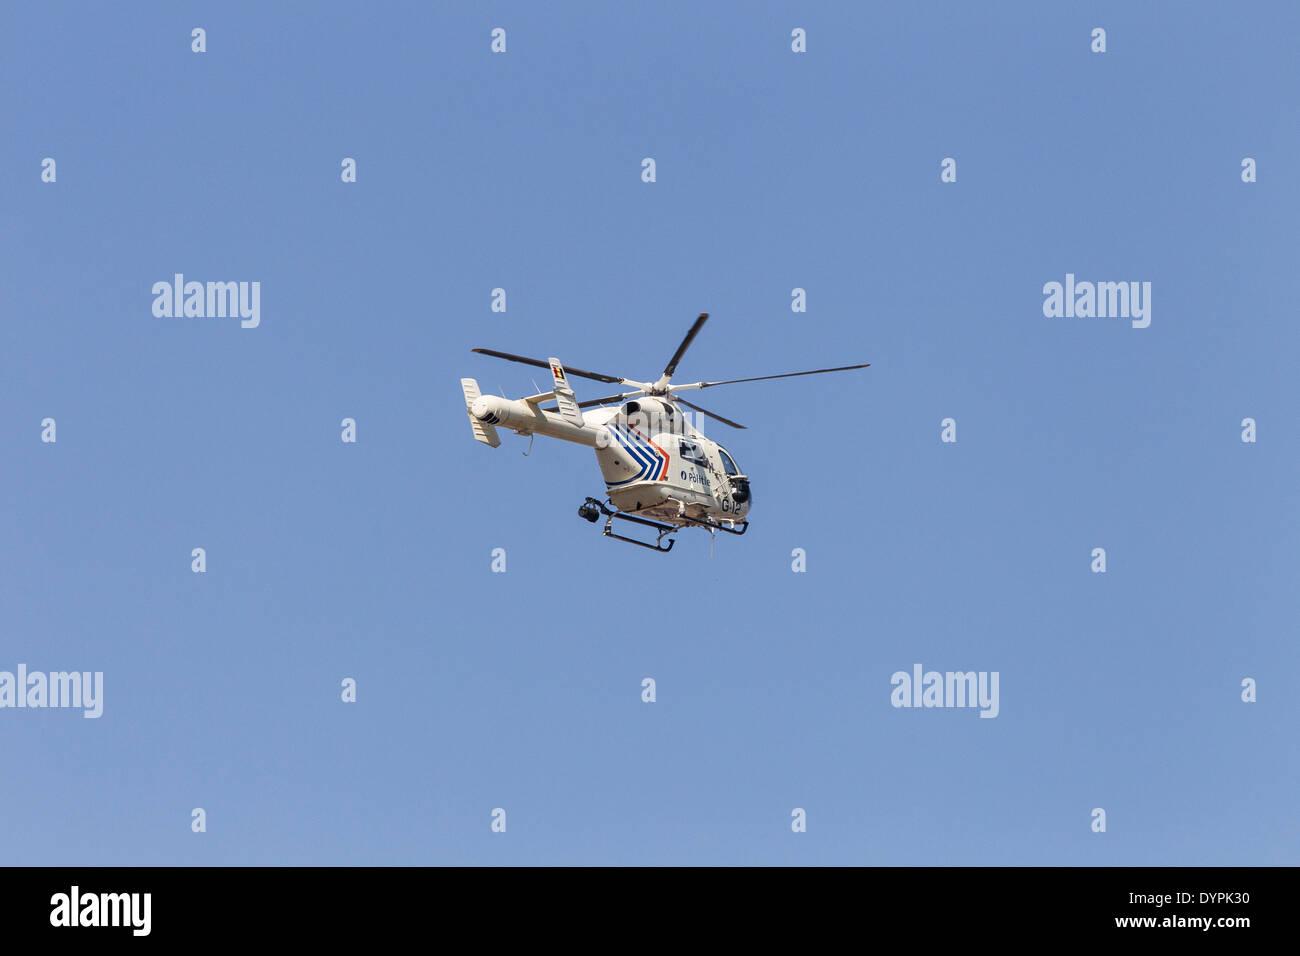 MD 900 Explorer helicóptero de la policía belga Imagen De Stock